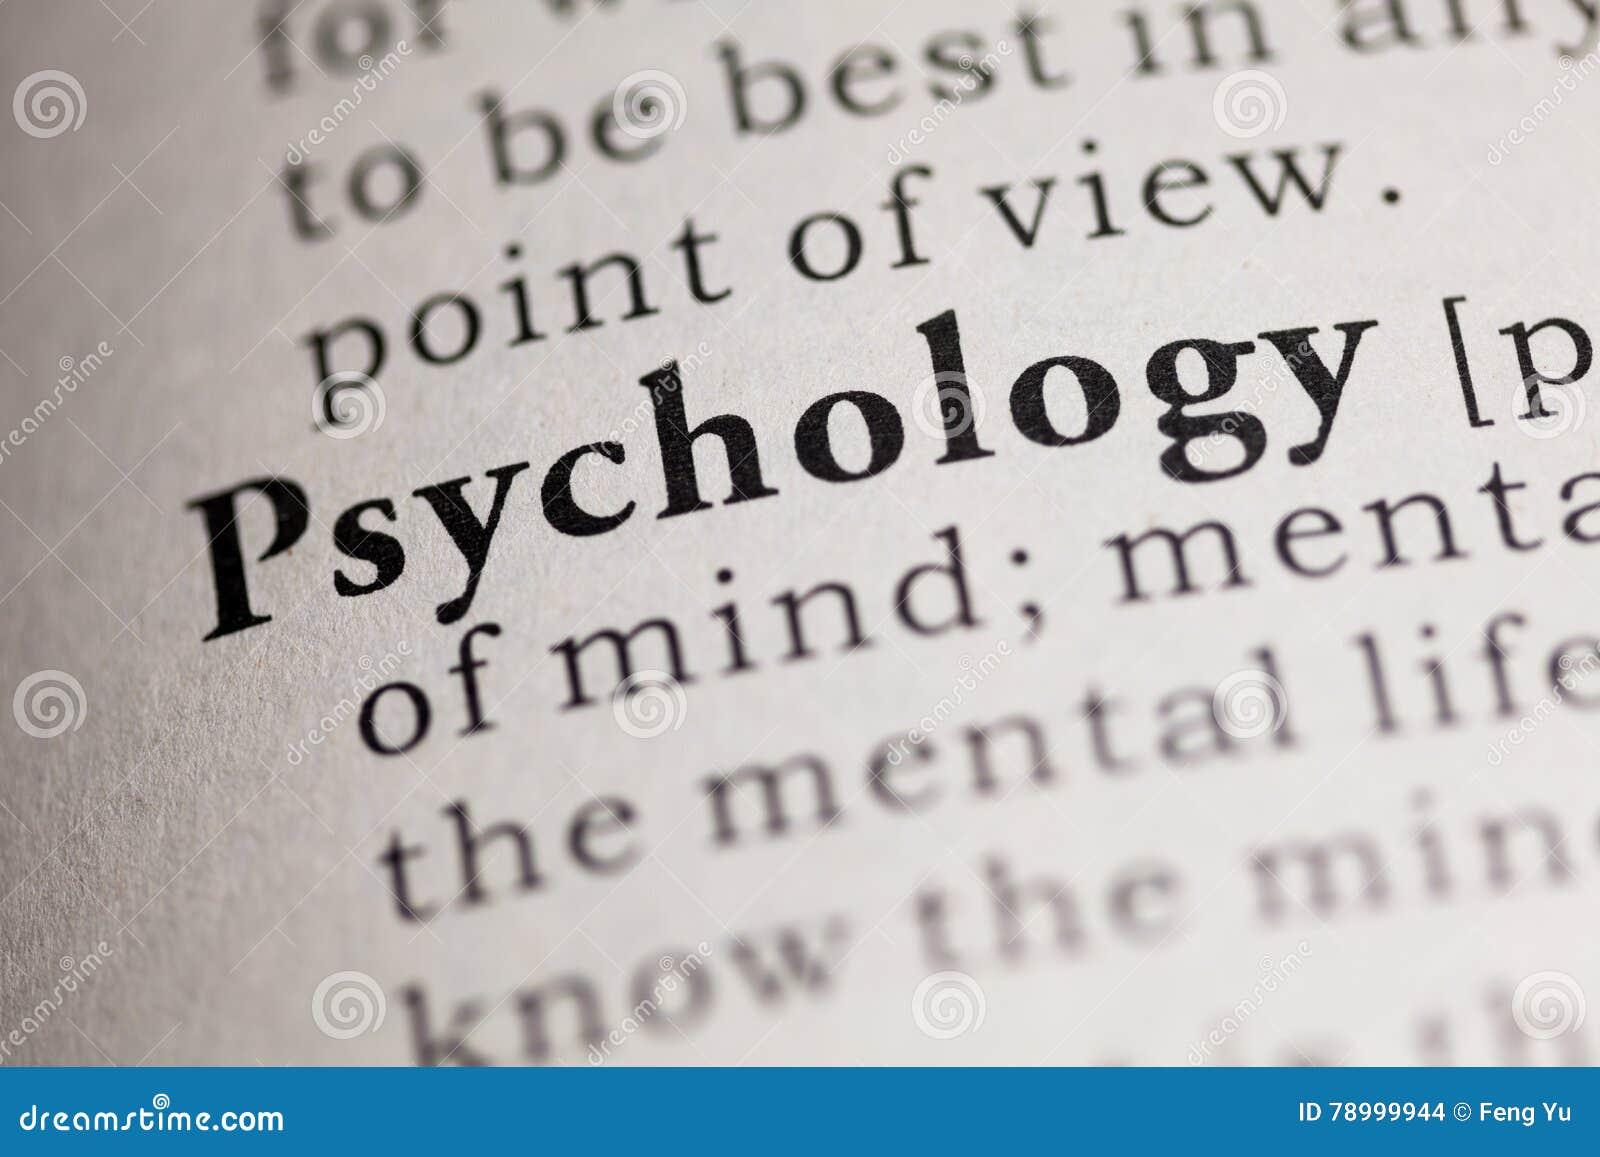 Psychology 201 vocabulary words